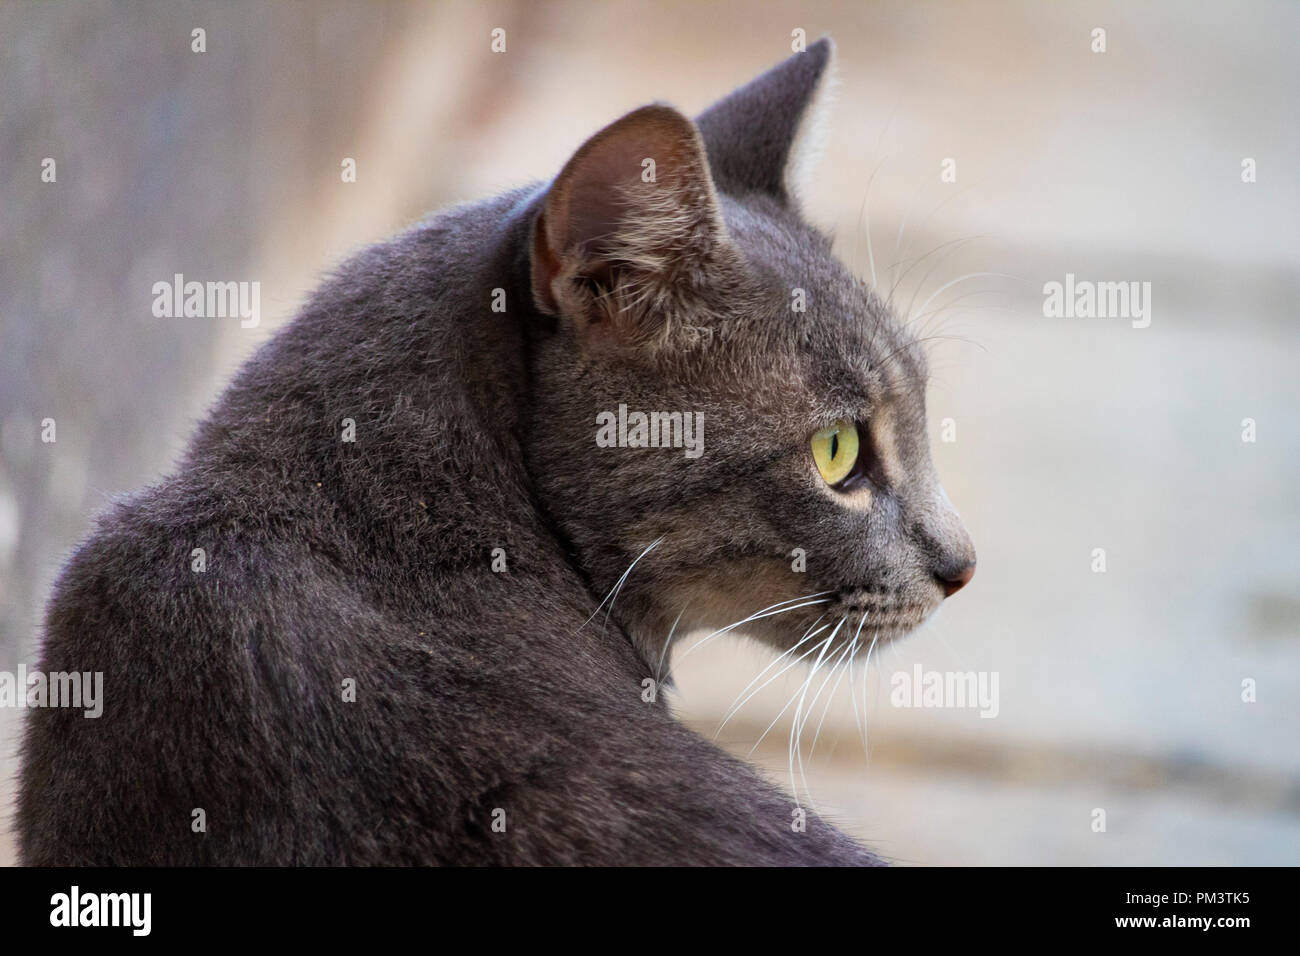 Super niedlich isoliert graue Katze Portrait auf der Straße Stockbild